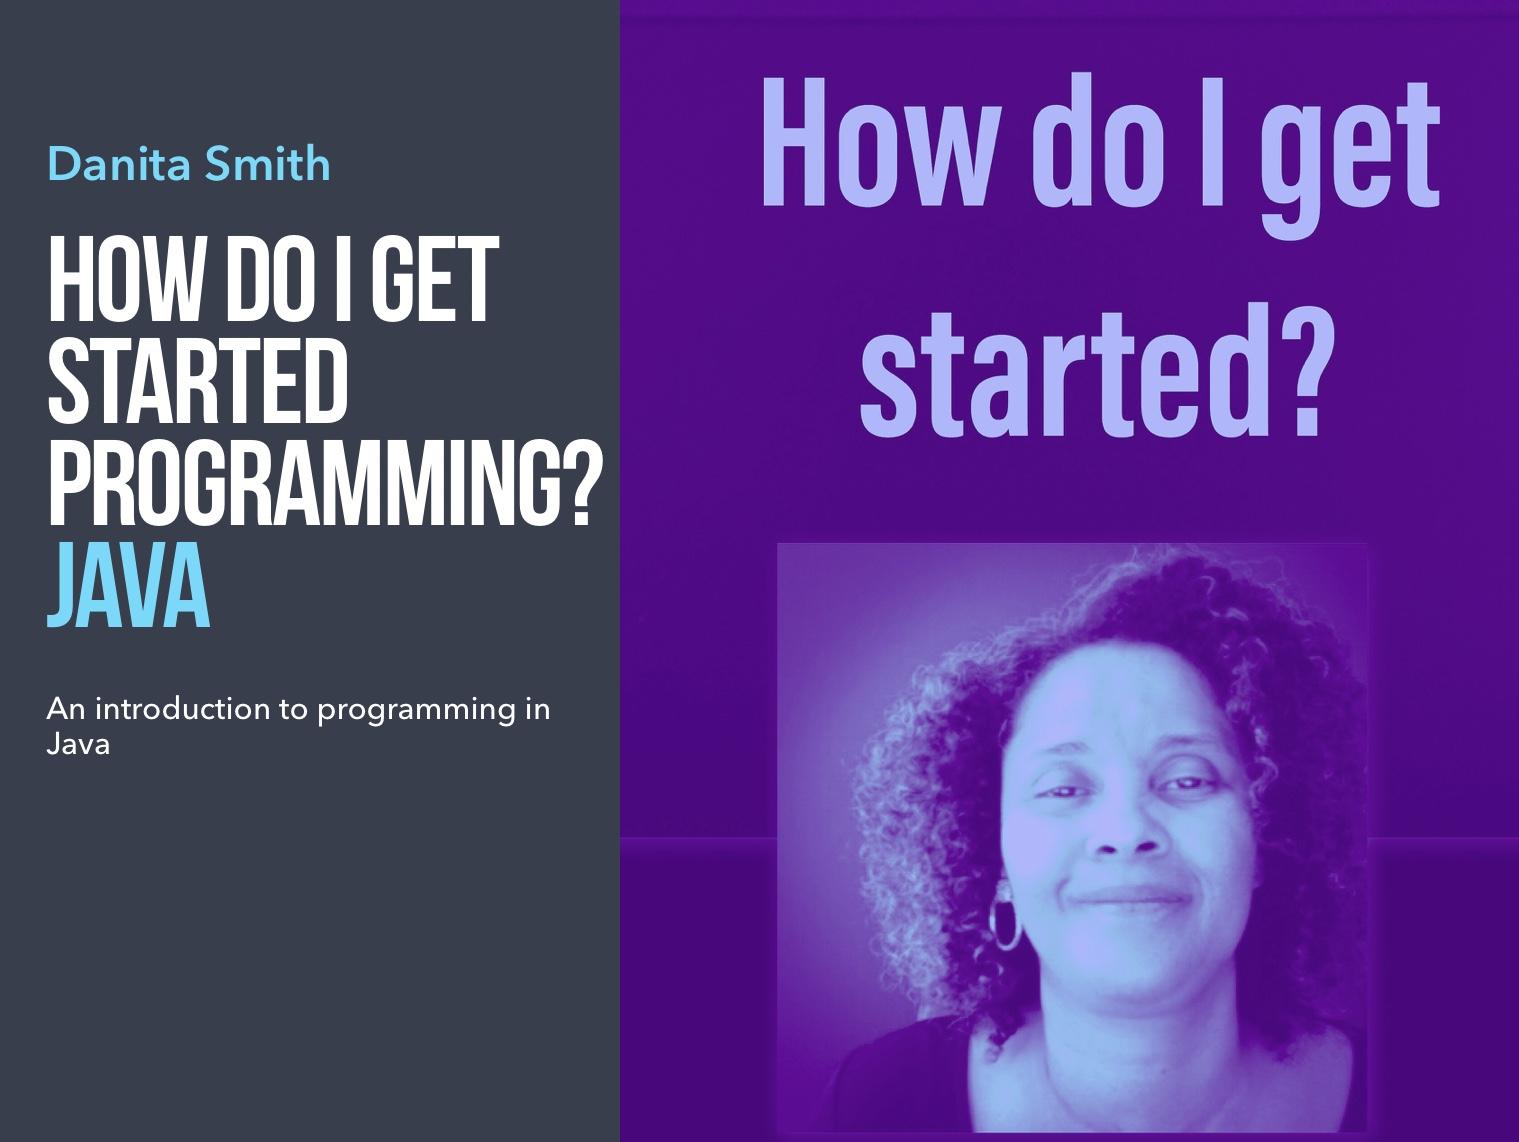 How Do I Get Started? Java 1